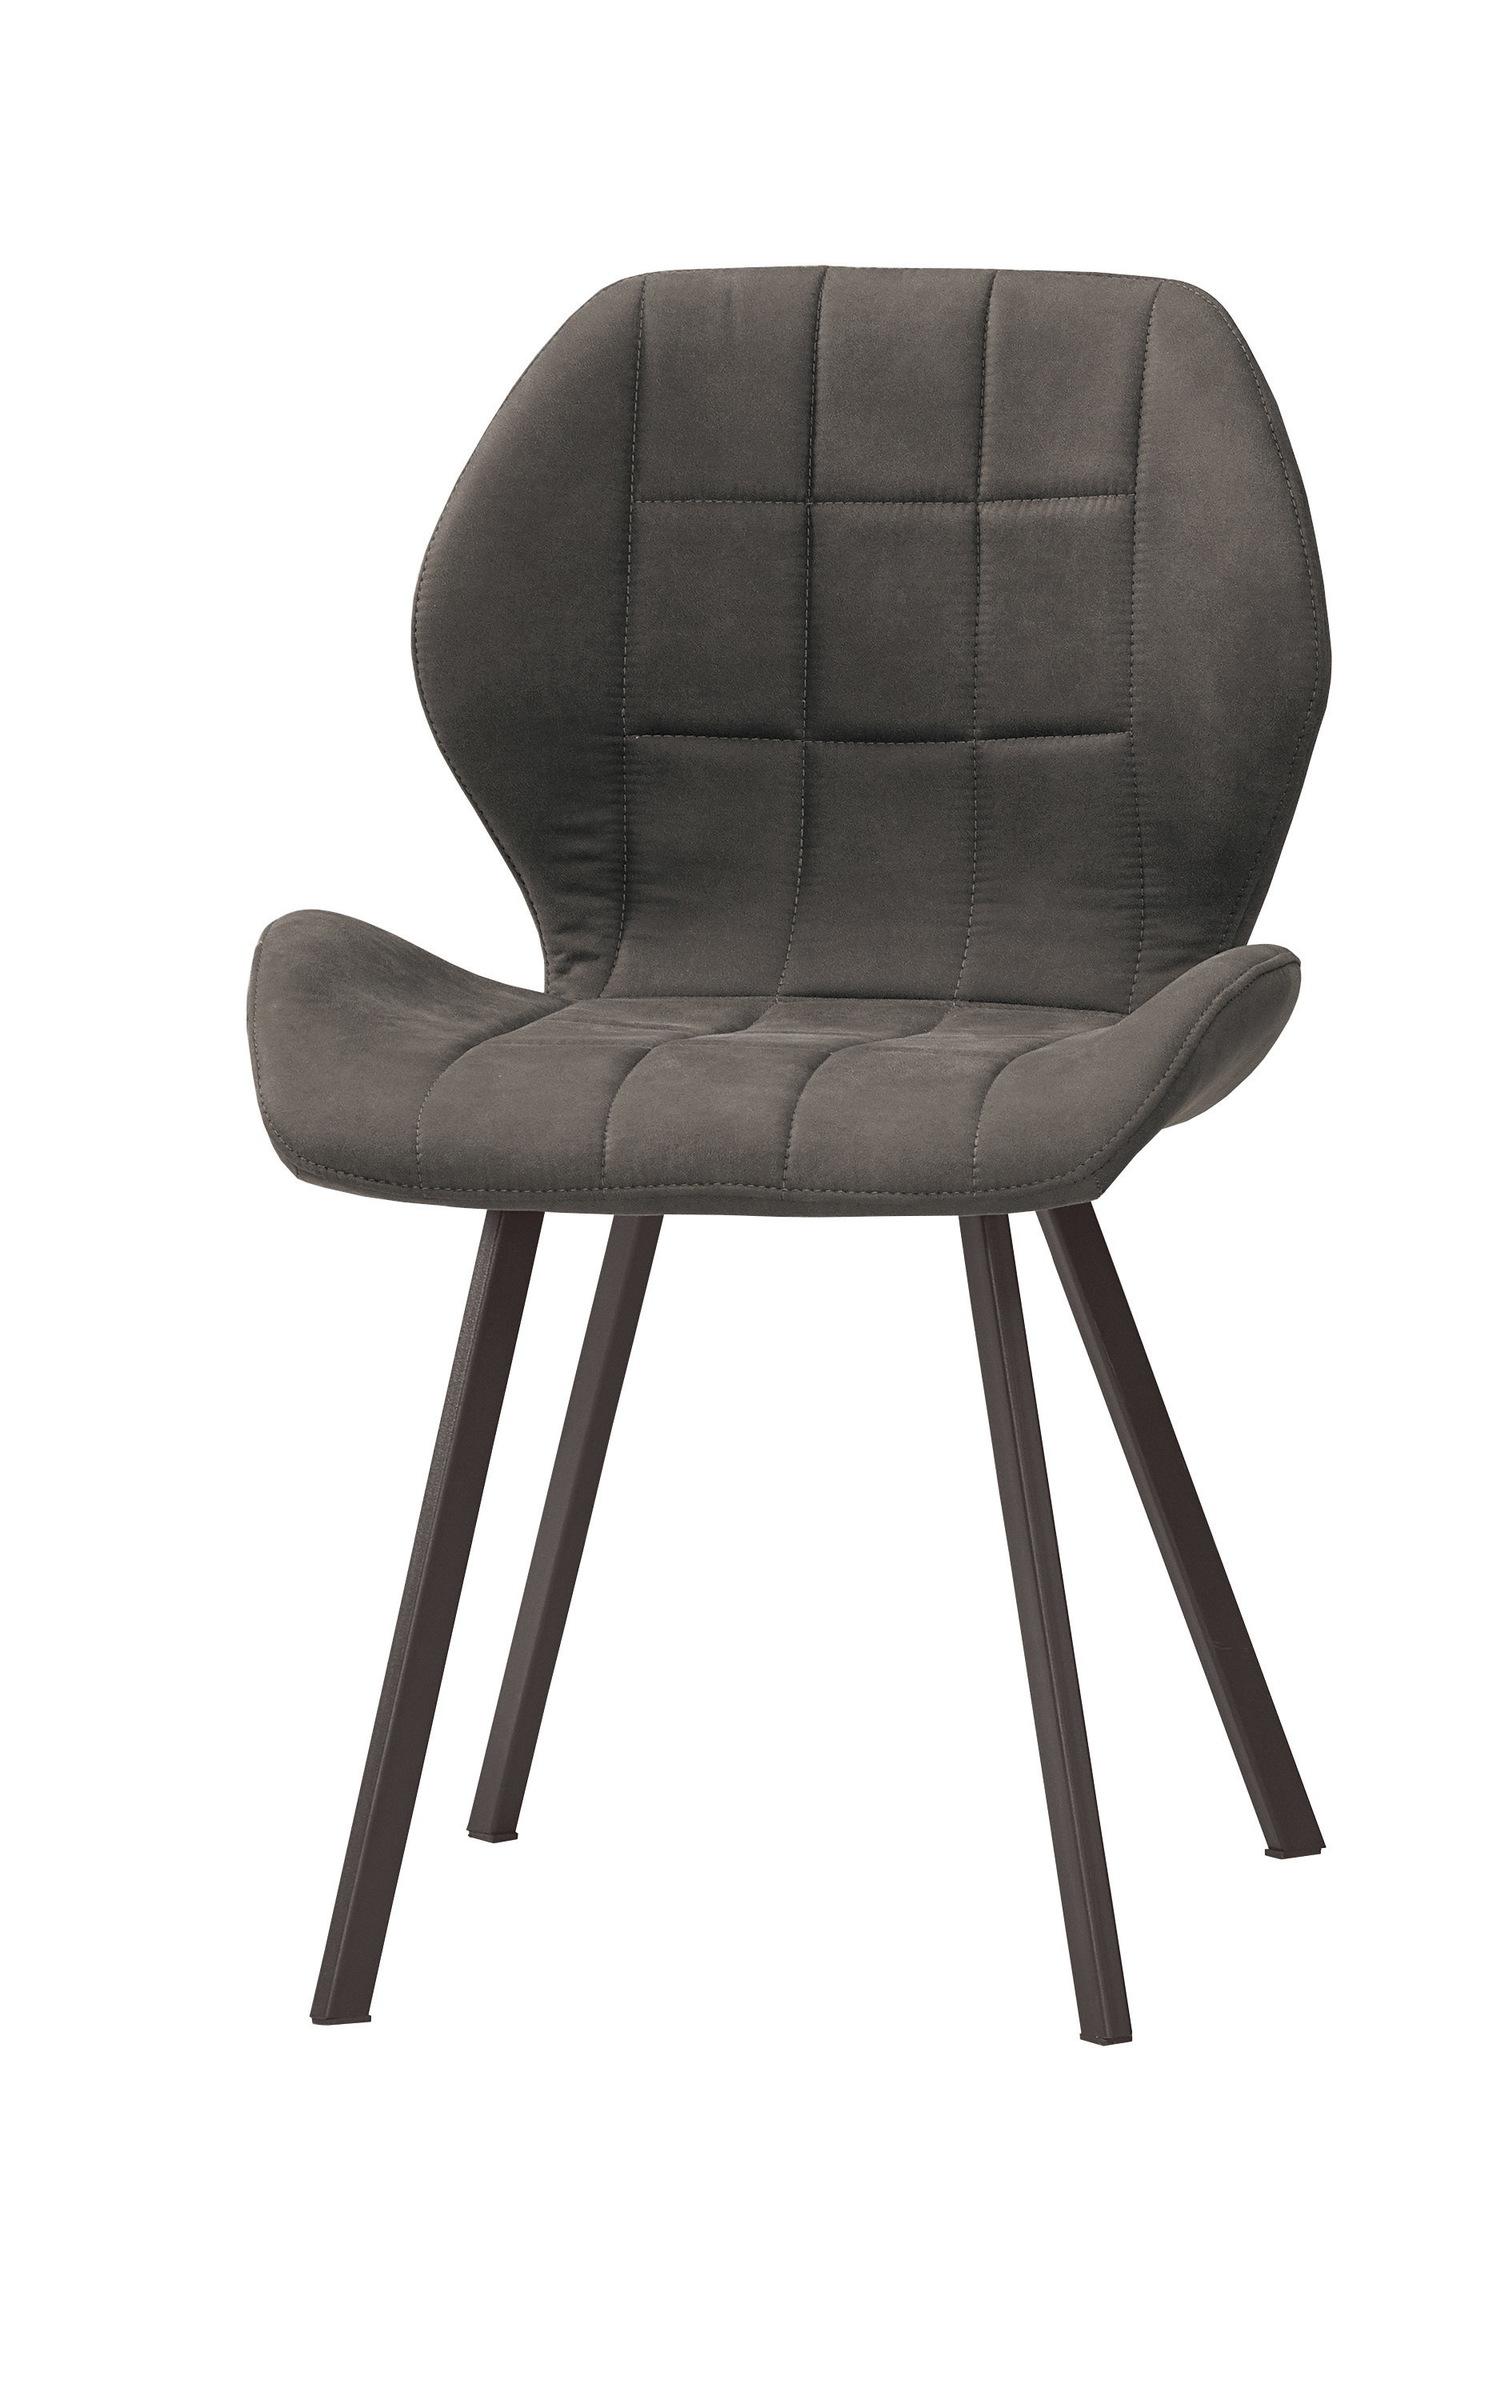 518-9 伯頓餐椅(灰色皮)(五金腳).jpg